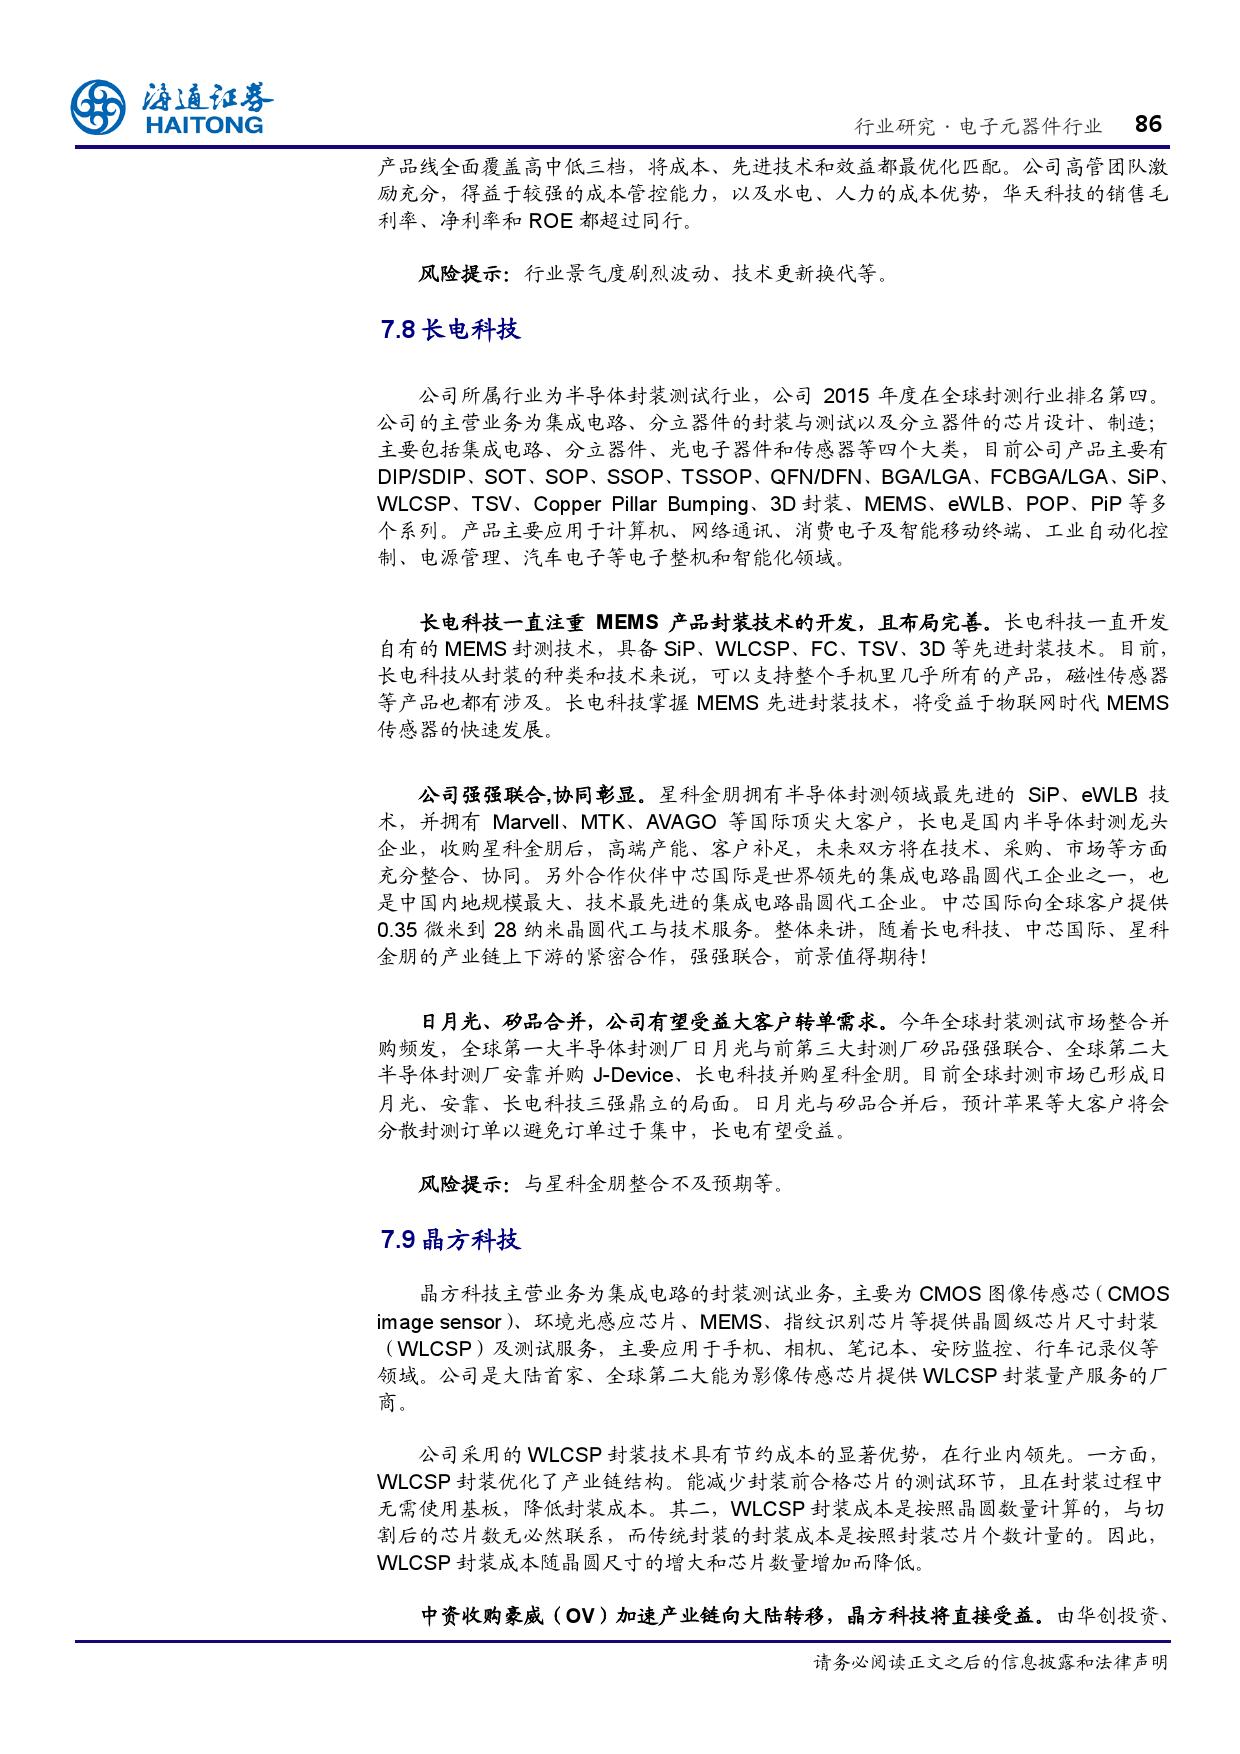 报告全解传感器全球产业链_000086